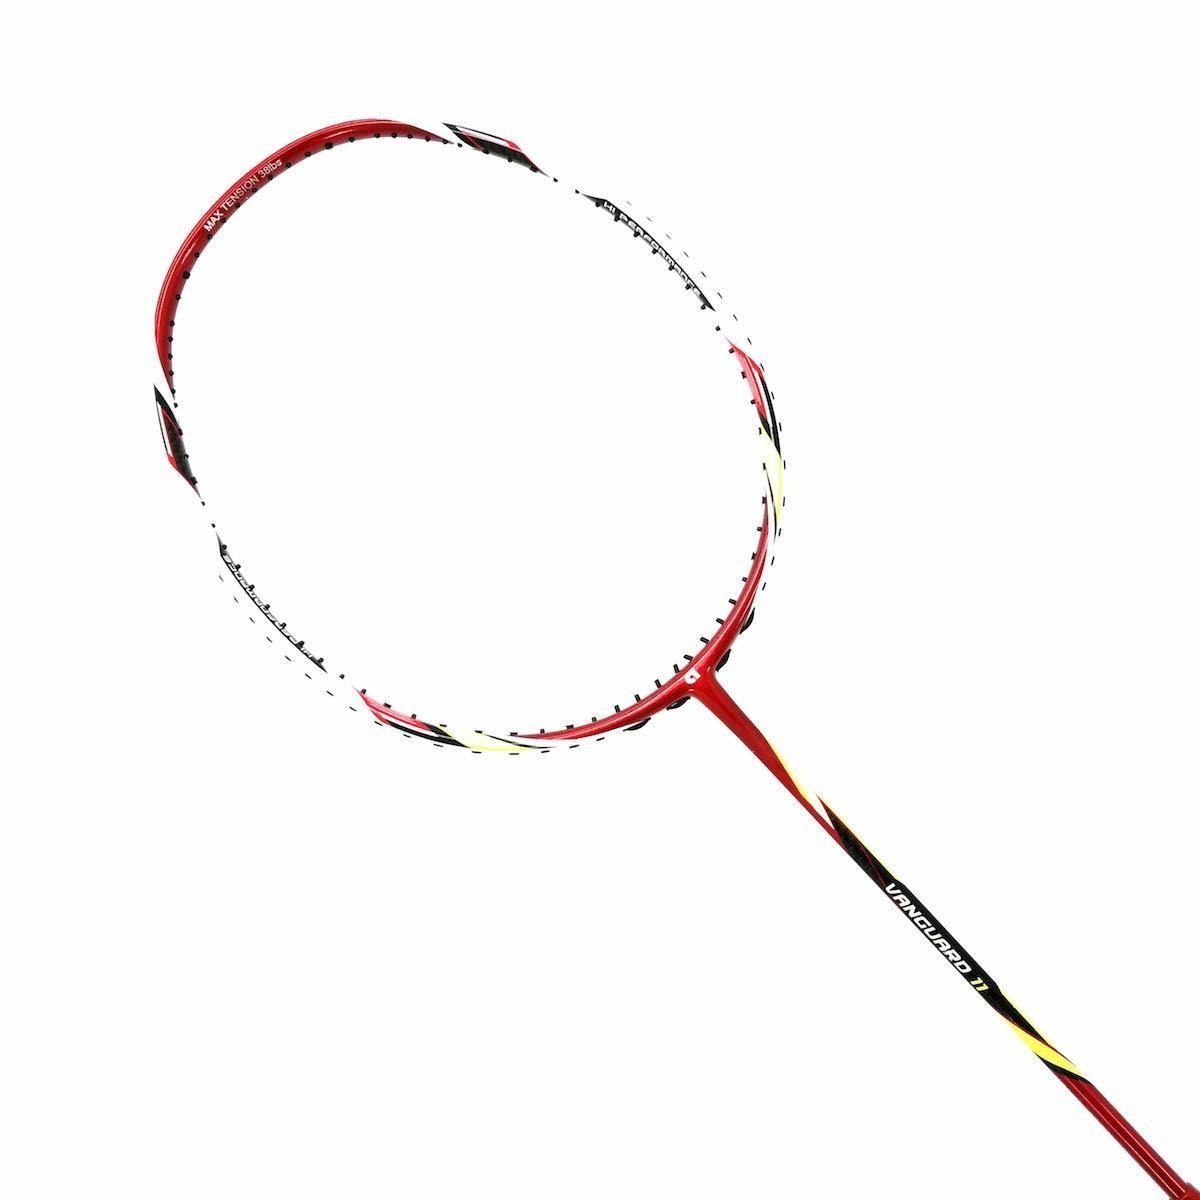 Apacs Vanguard 11 Badminton Racquet